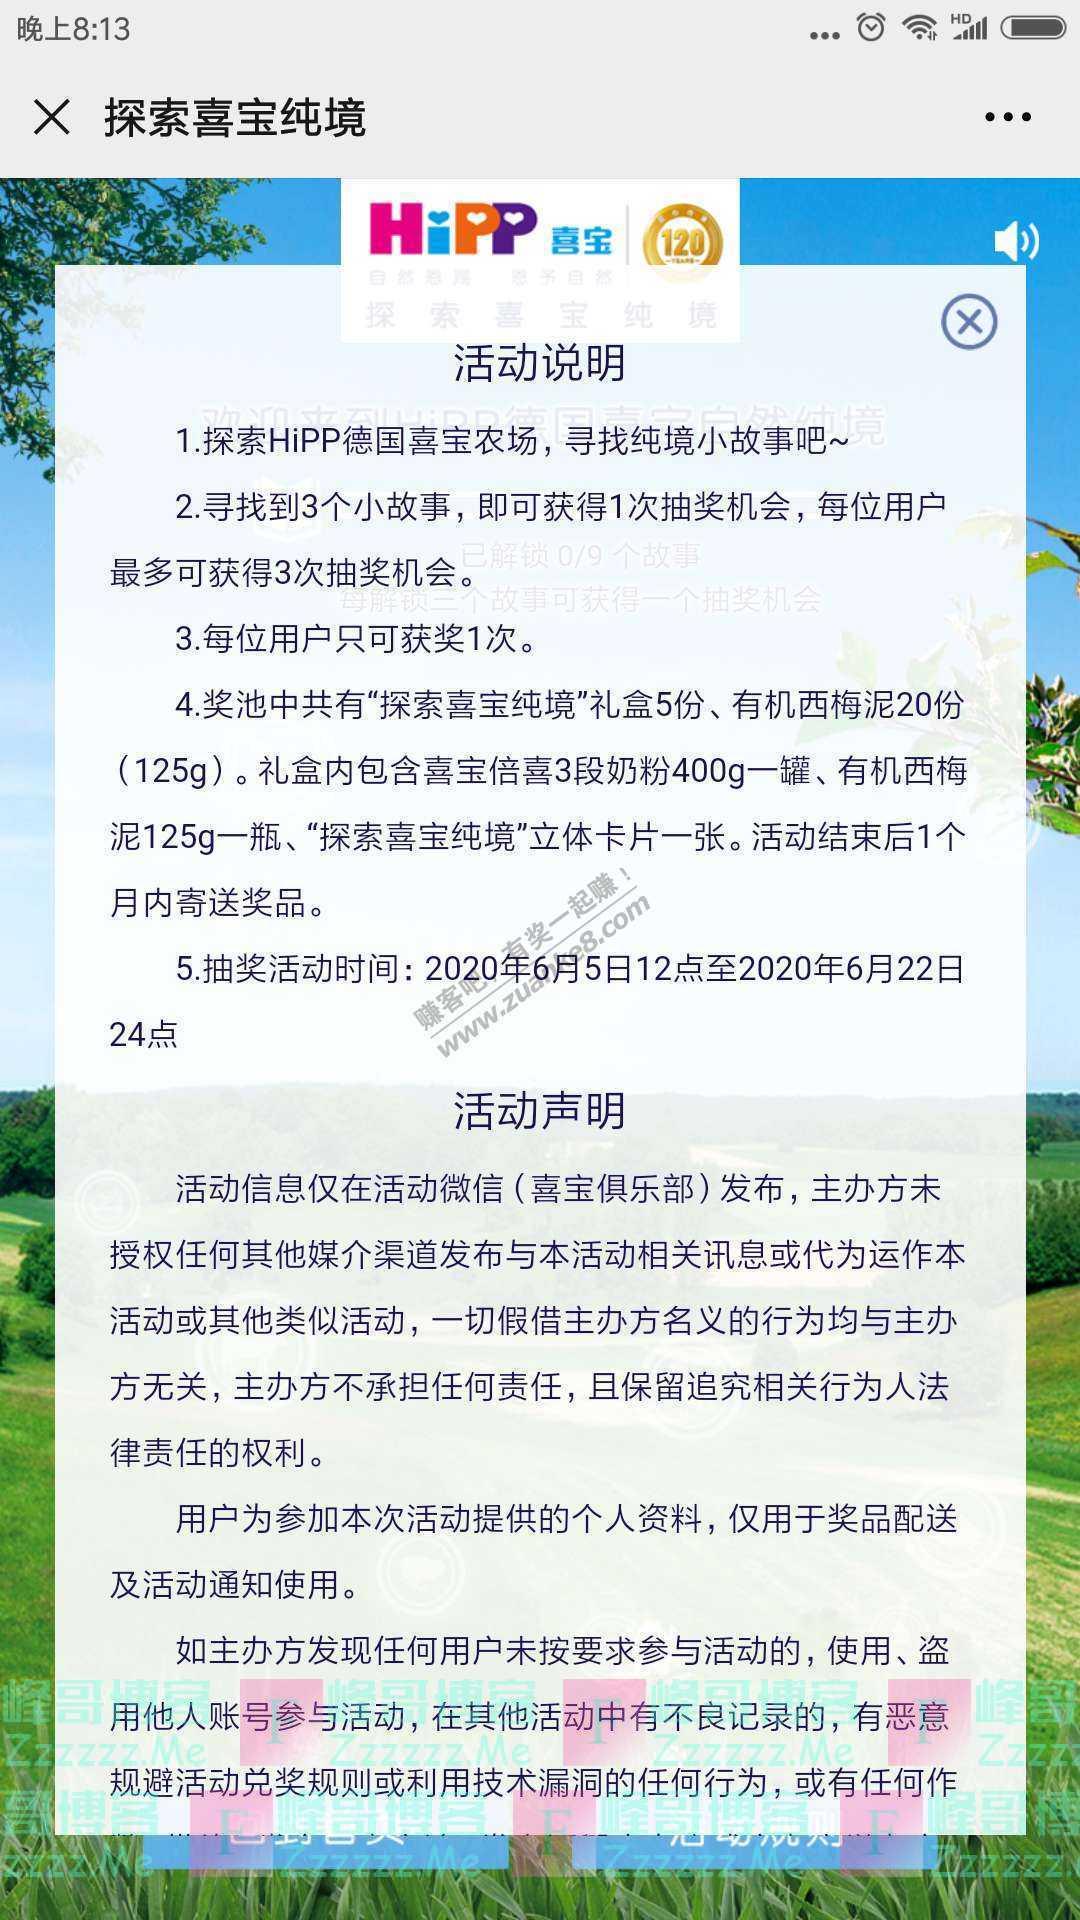 喜宝俱乐部聆听自然之音 赢取自然好礼(截止6月22日)